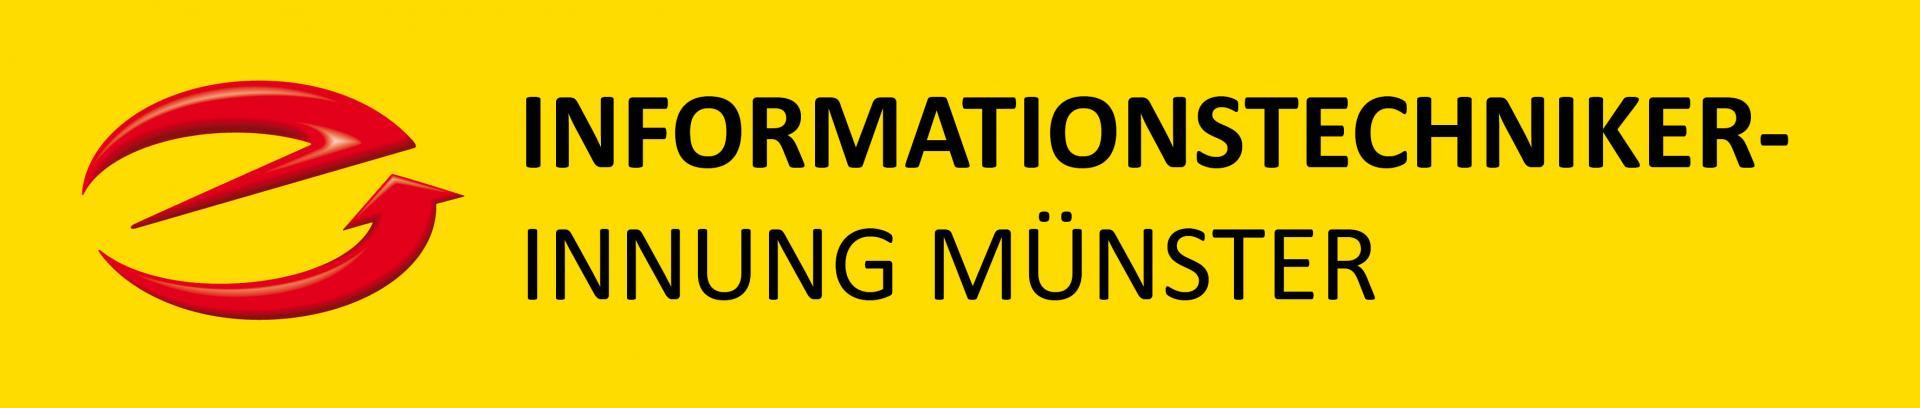 Informationstechniker Innung Münster